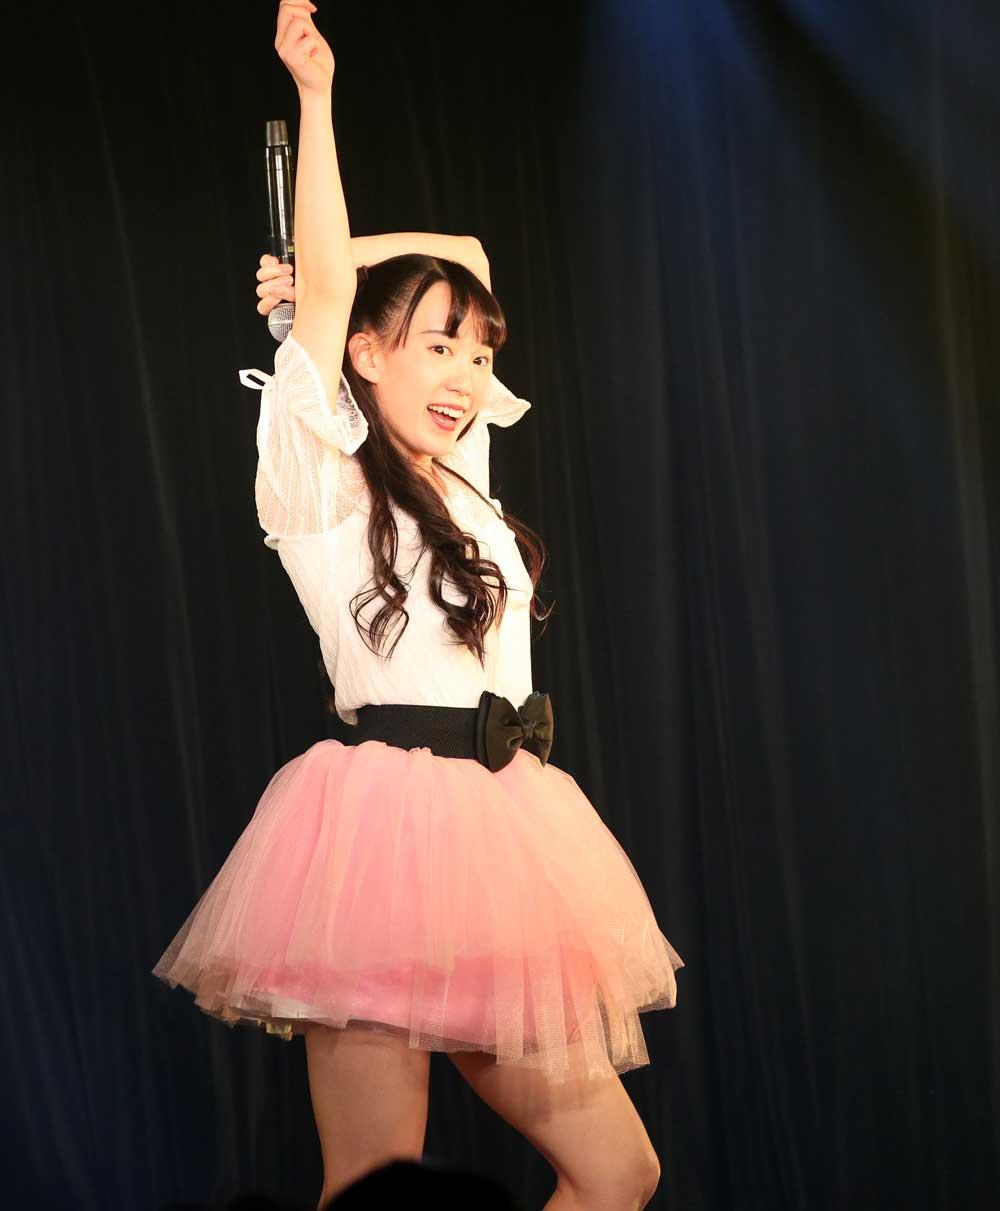 Images : 7番目の画像 - 「九州女子翼/東京定期で新曲披露。前回を大幅にアップデートする、圧倒的な進化を果たしたパフォーマンスで会場のオーディエンスを熱狂させた」のアルバム - Stereo Sound ONLINE